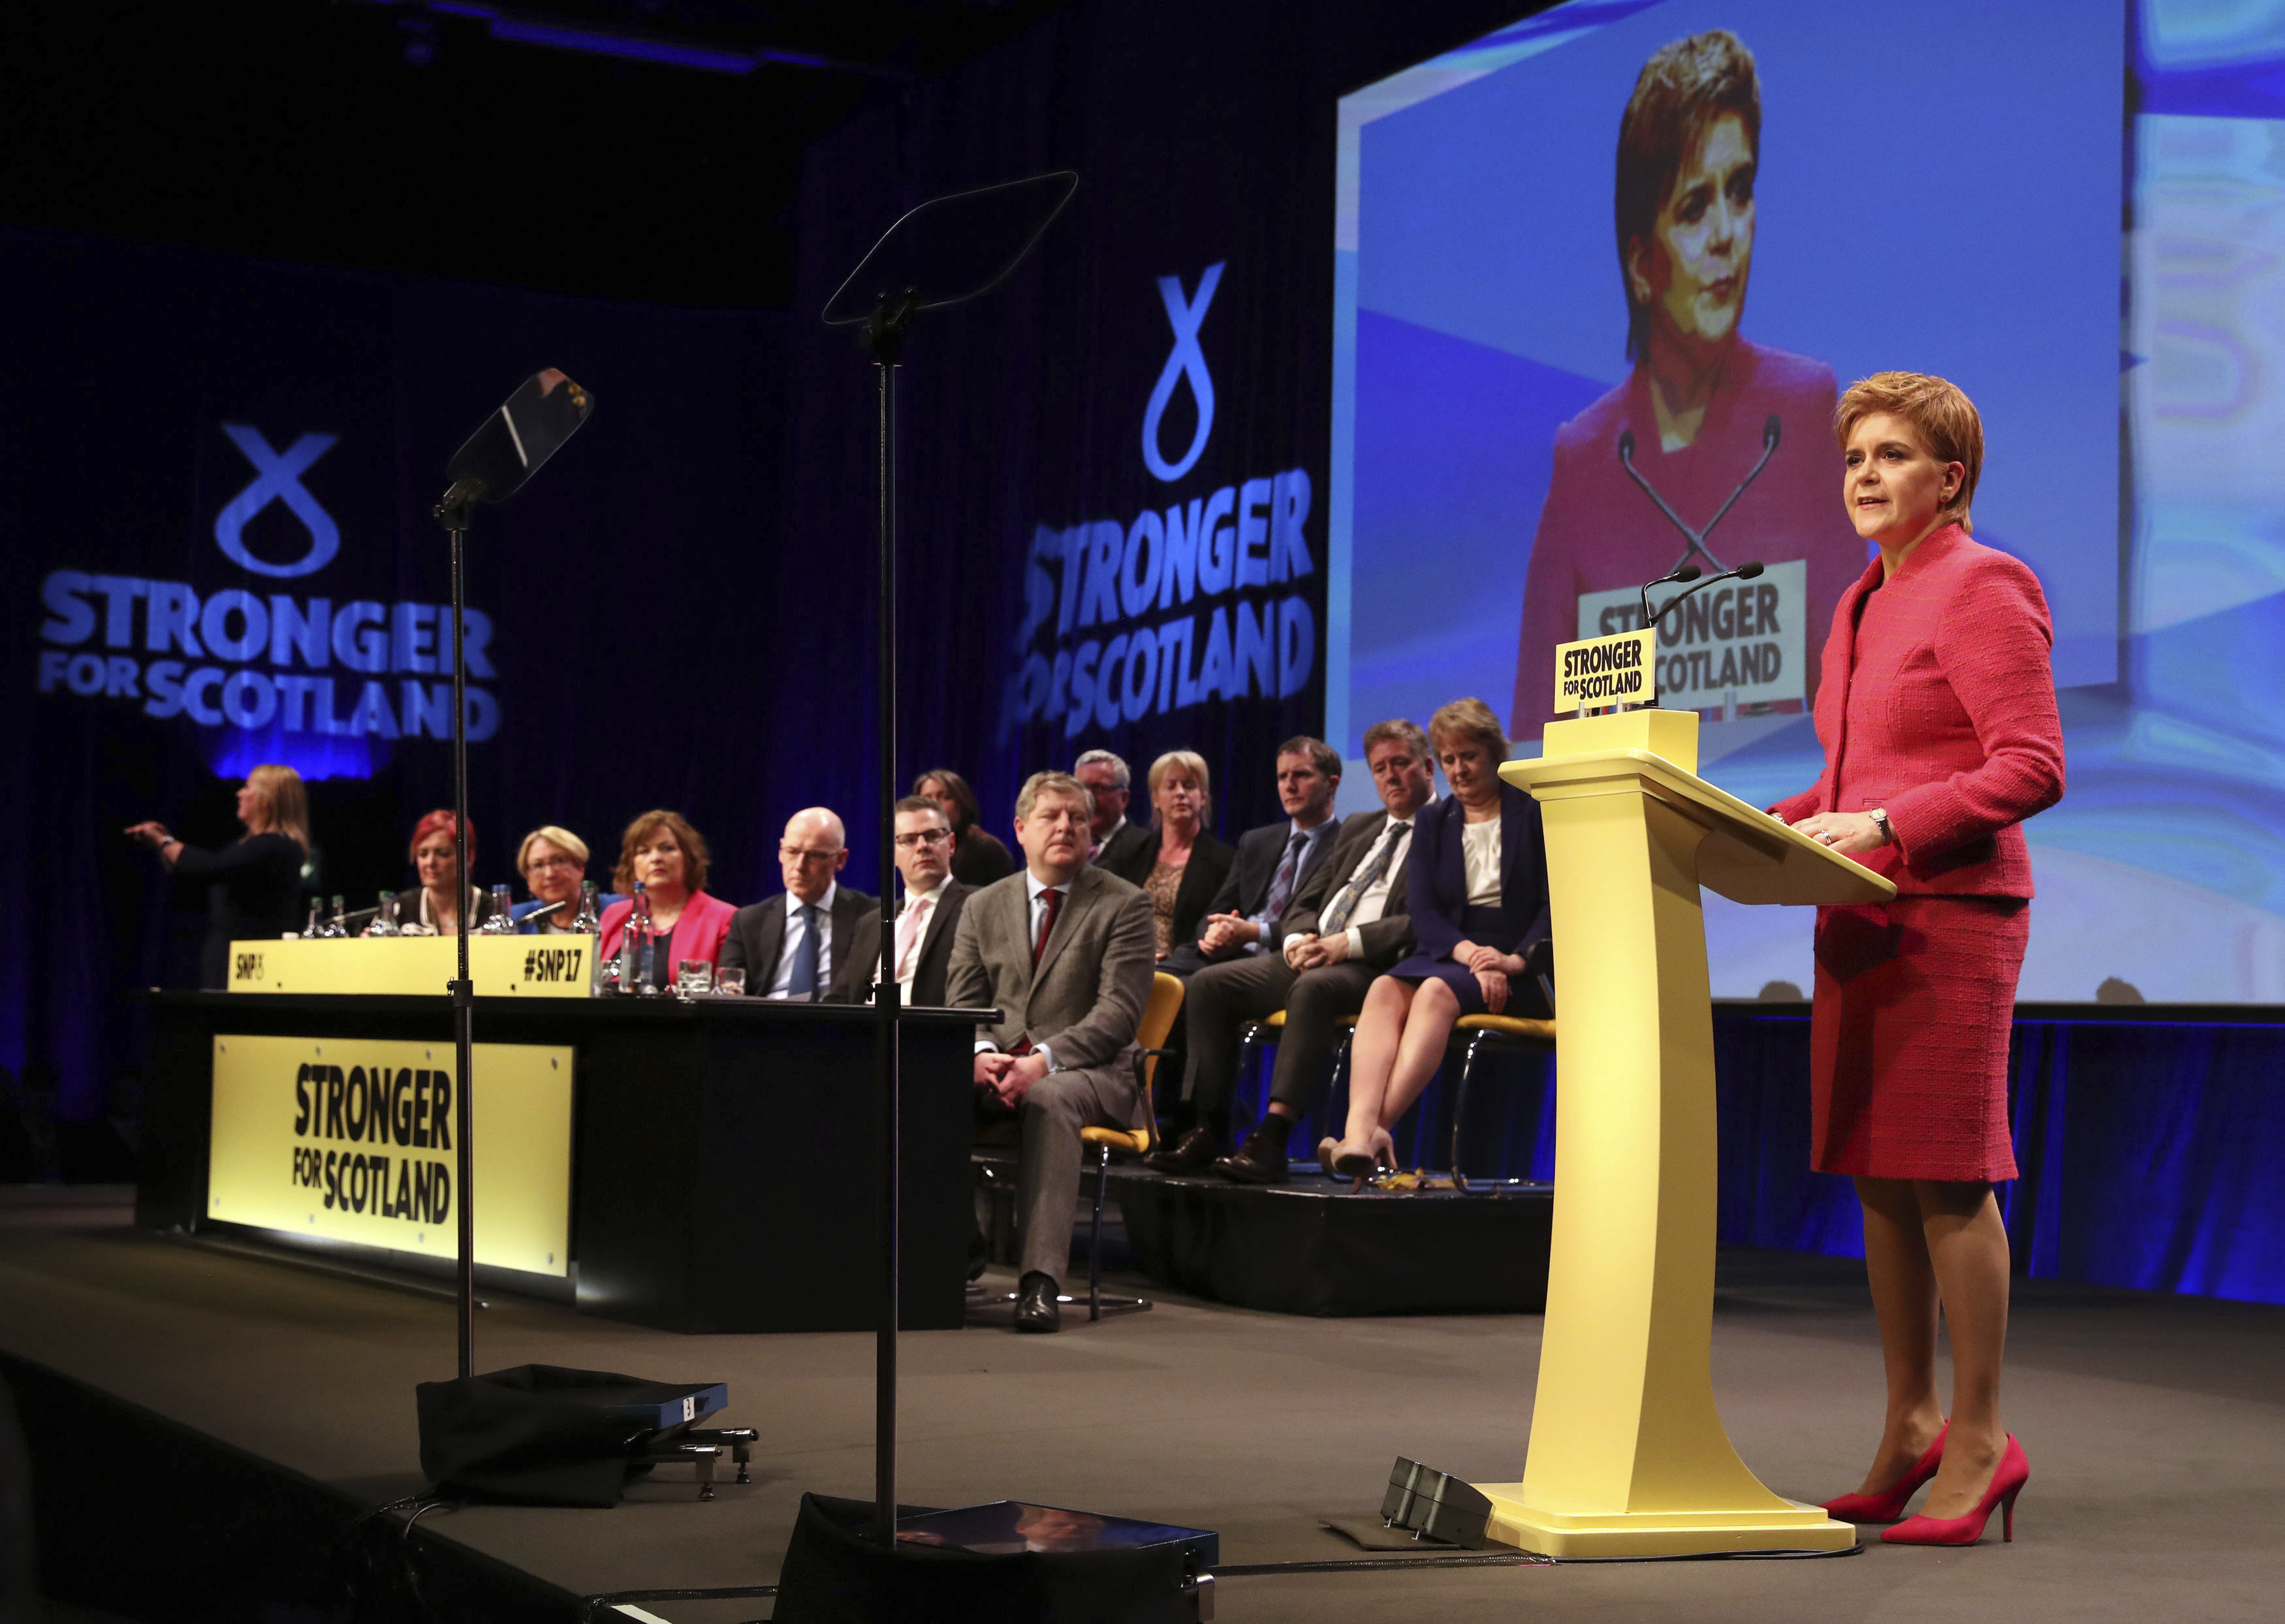 scottish national party - photo #40